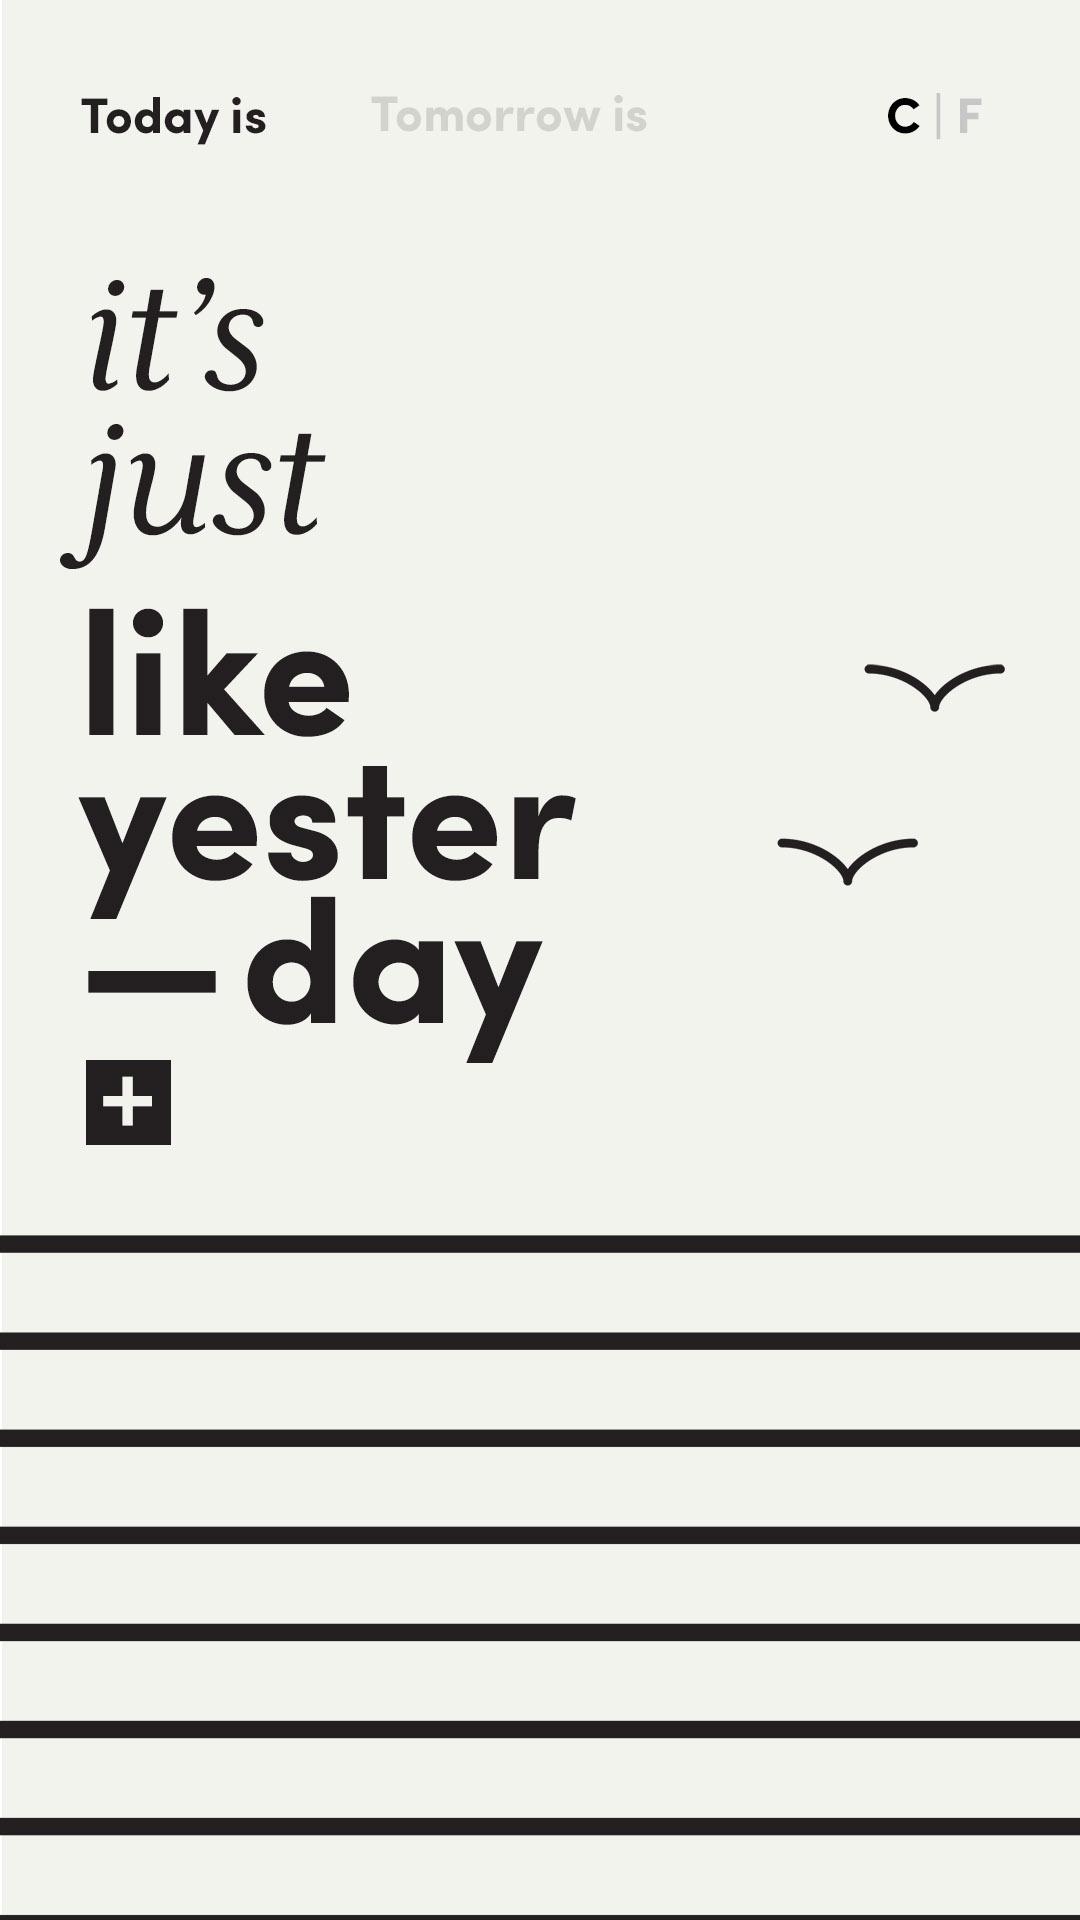 LikeYesterday_0000_like yesterday